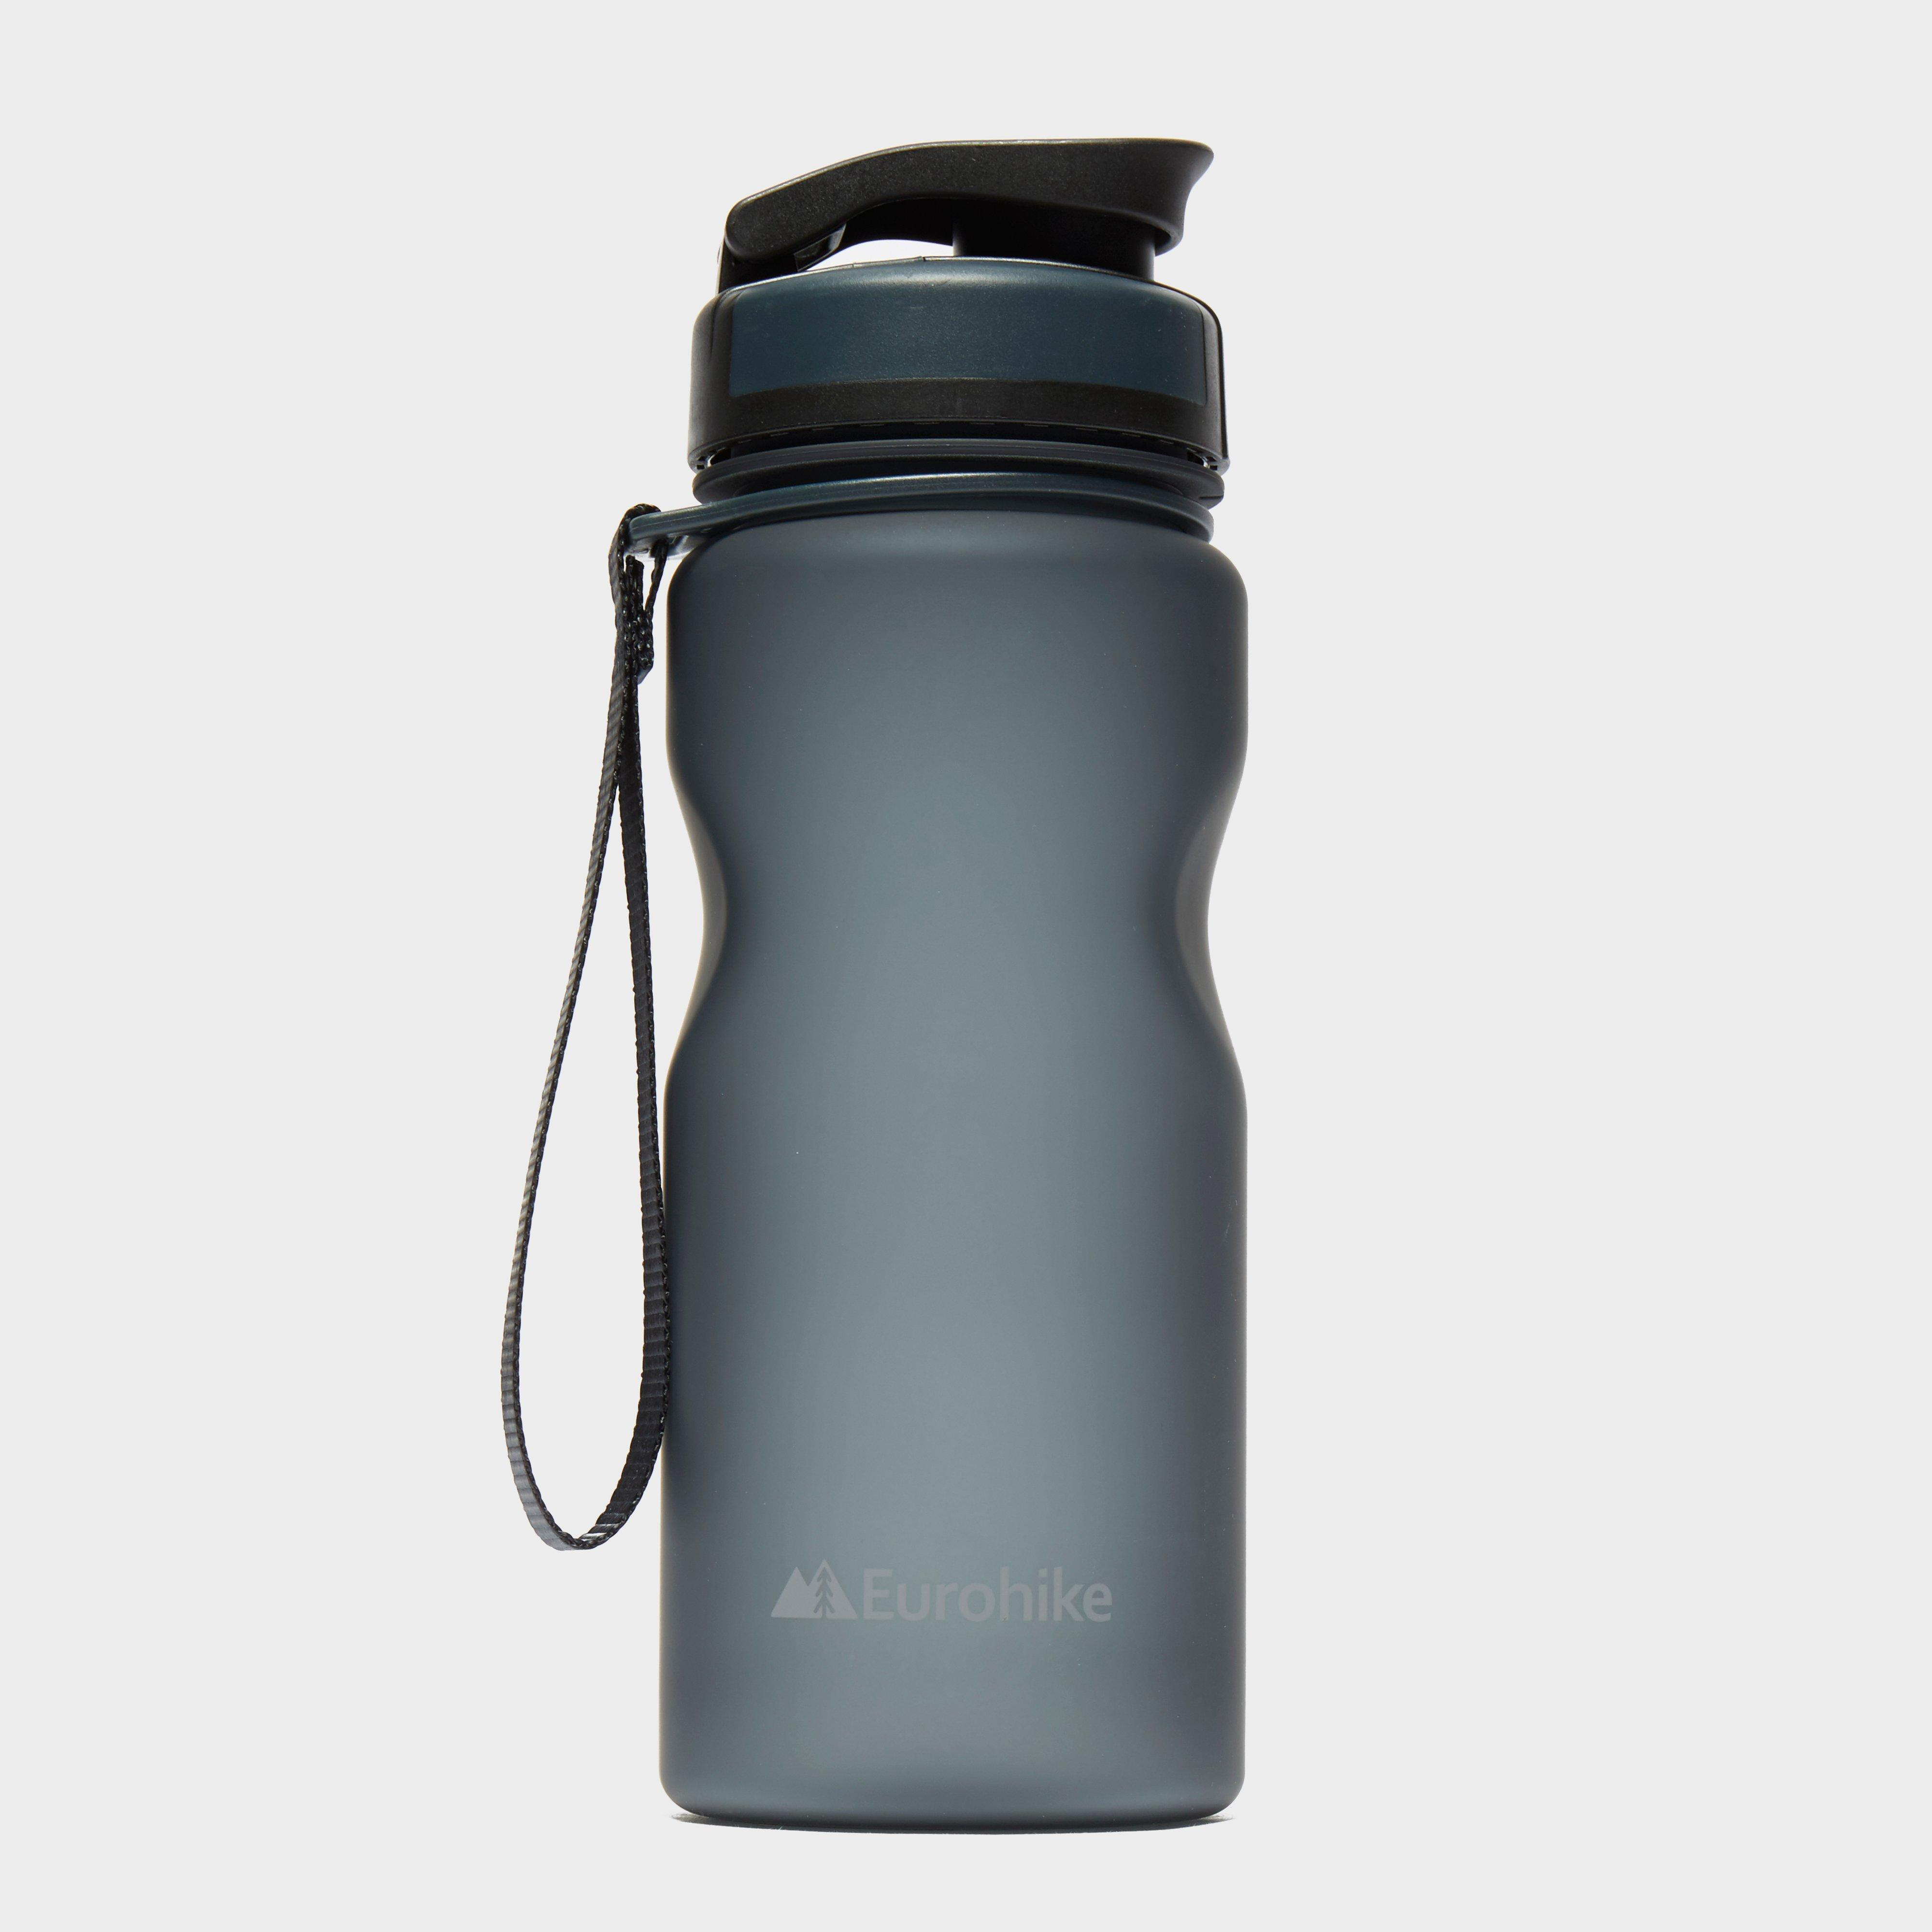 Eurohike Flip Bottle 650ml, Grey/DGY